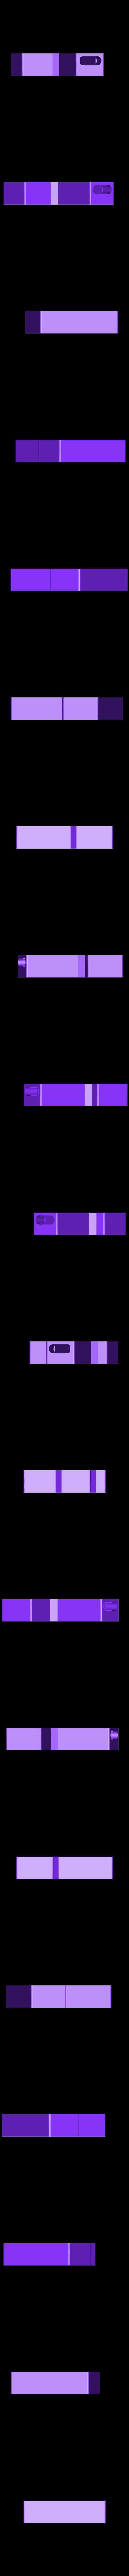 Soporte_arduino_y_sensor_hidrogel.stl Télécharger fichier STL gratuit Distributeur automatique de gel Remix • Plan à imprimer en 3D, maxine95